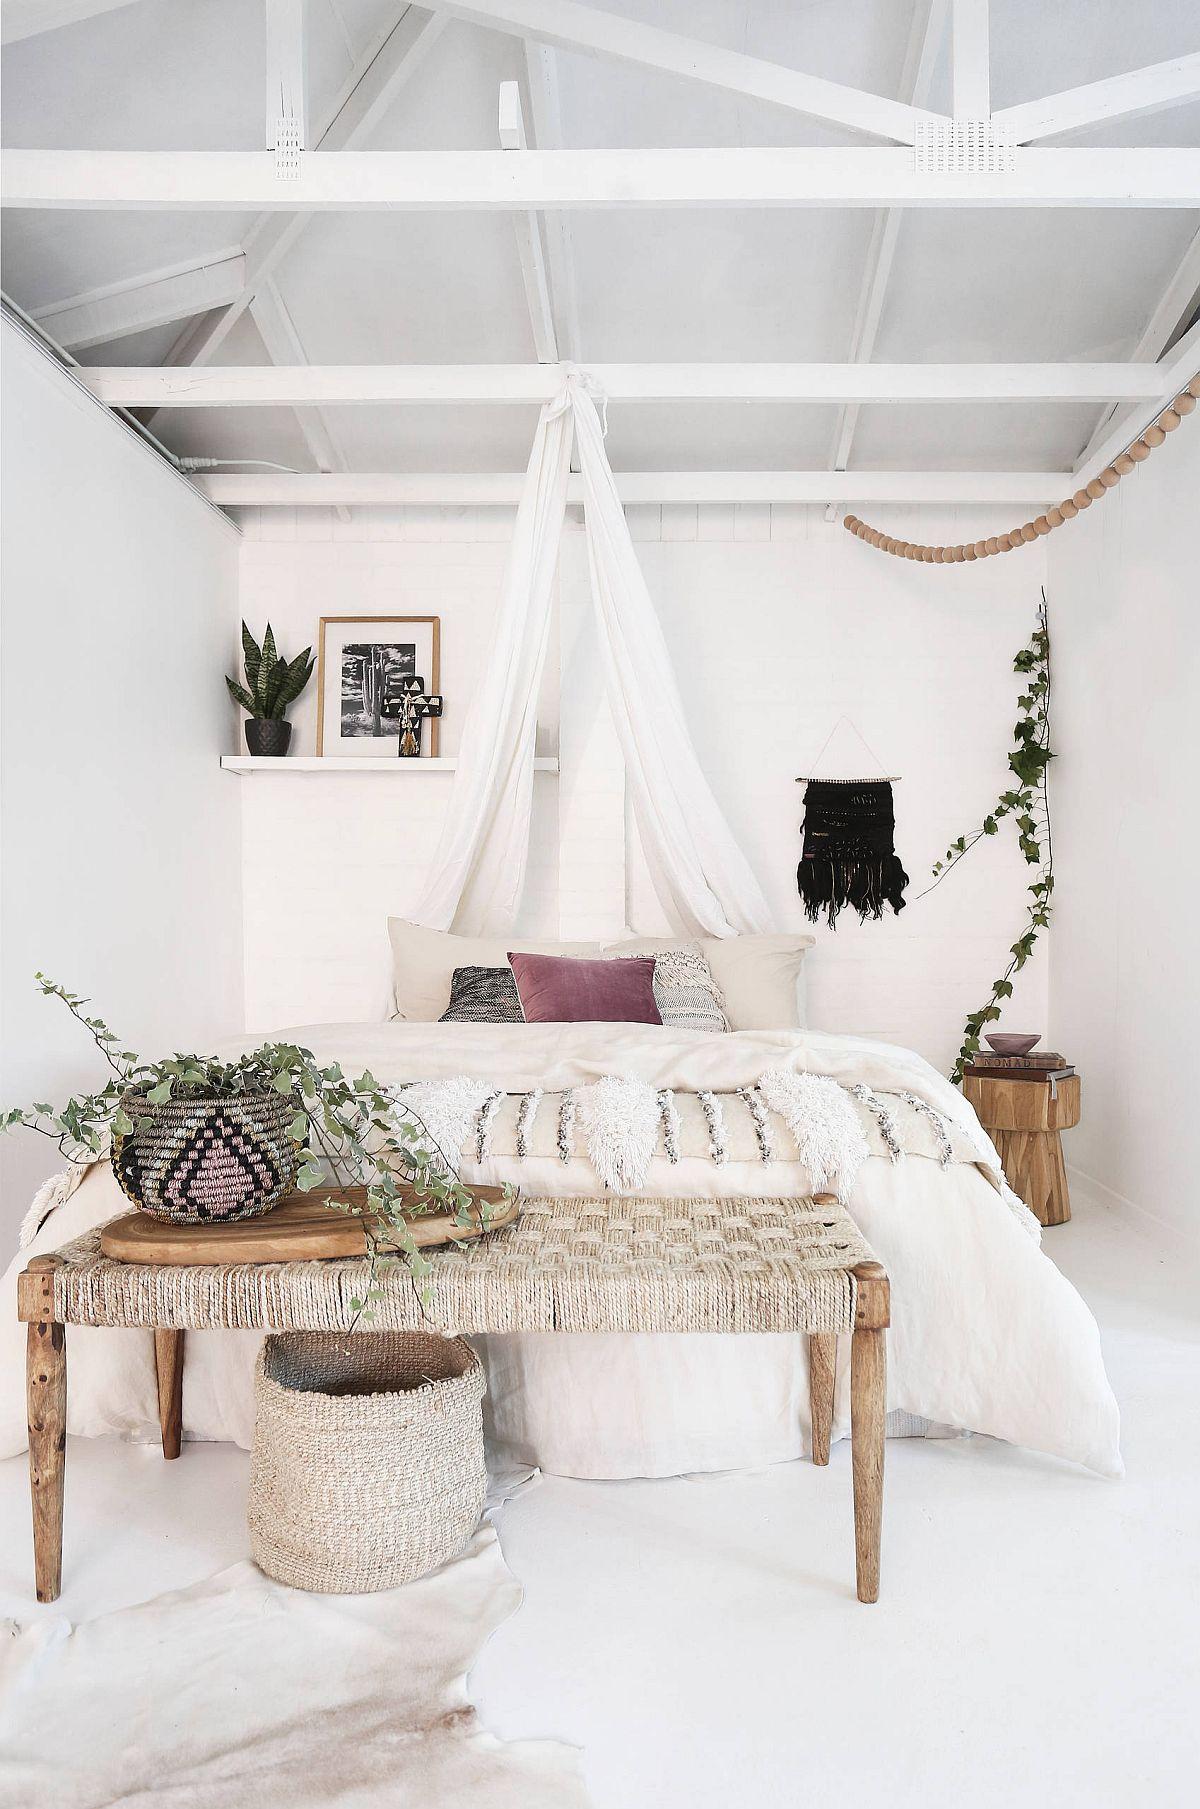 Xu hướng trang trí phòng ngủ sẽ làm mưa làm gió trong năm 2020 chắc chắn bạn không muốn bỏ lỡ - Ảnh 5.